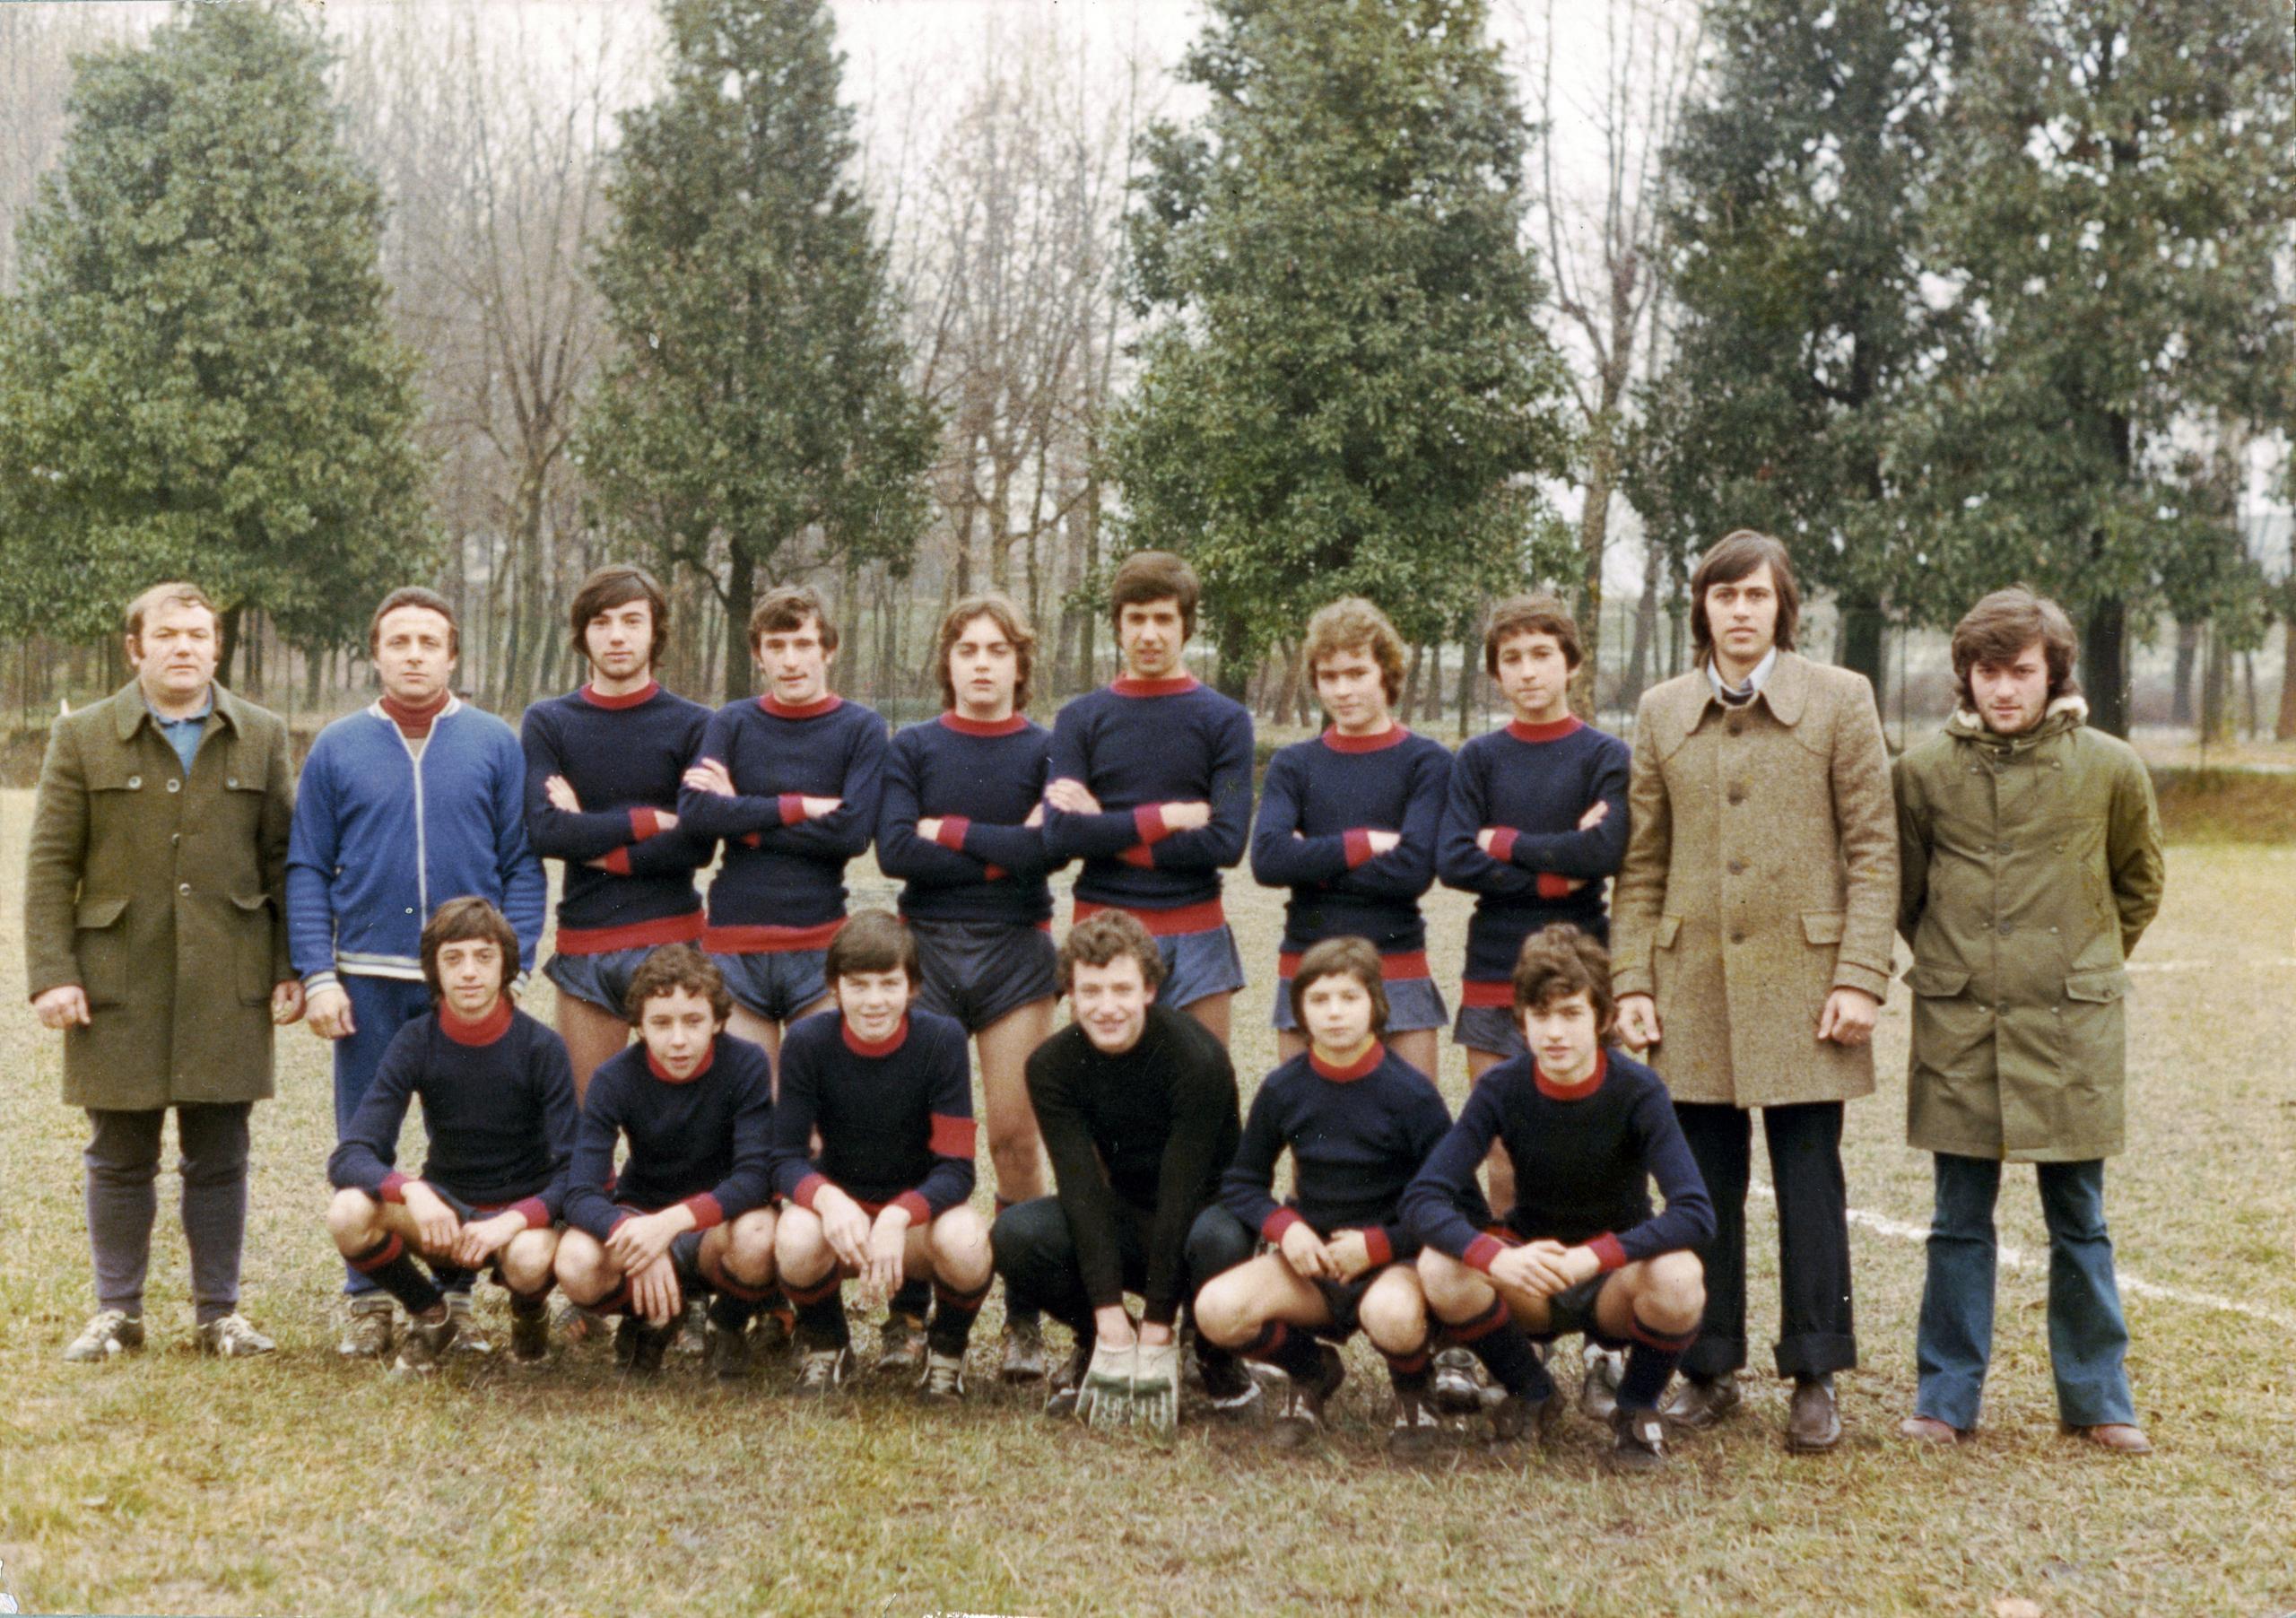 1975/76, Giovanissimi US Condor.